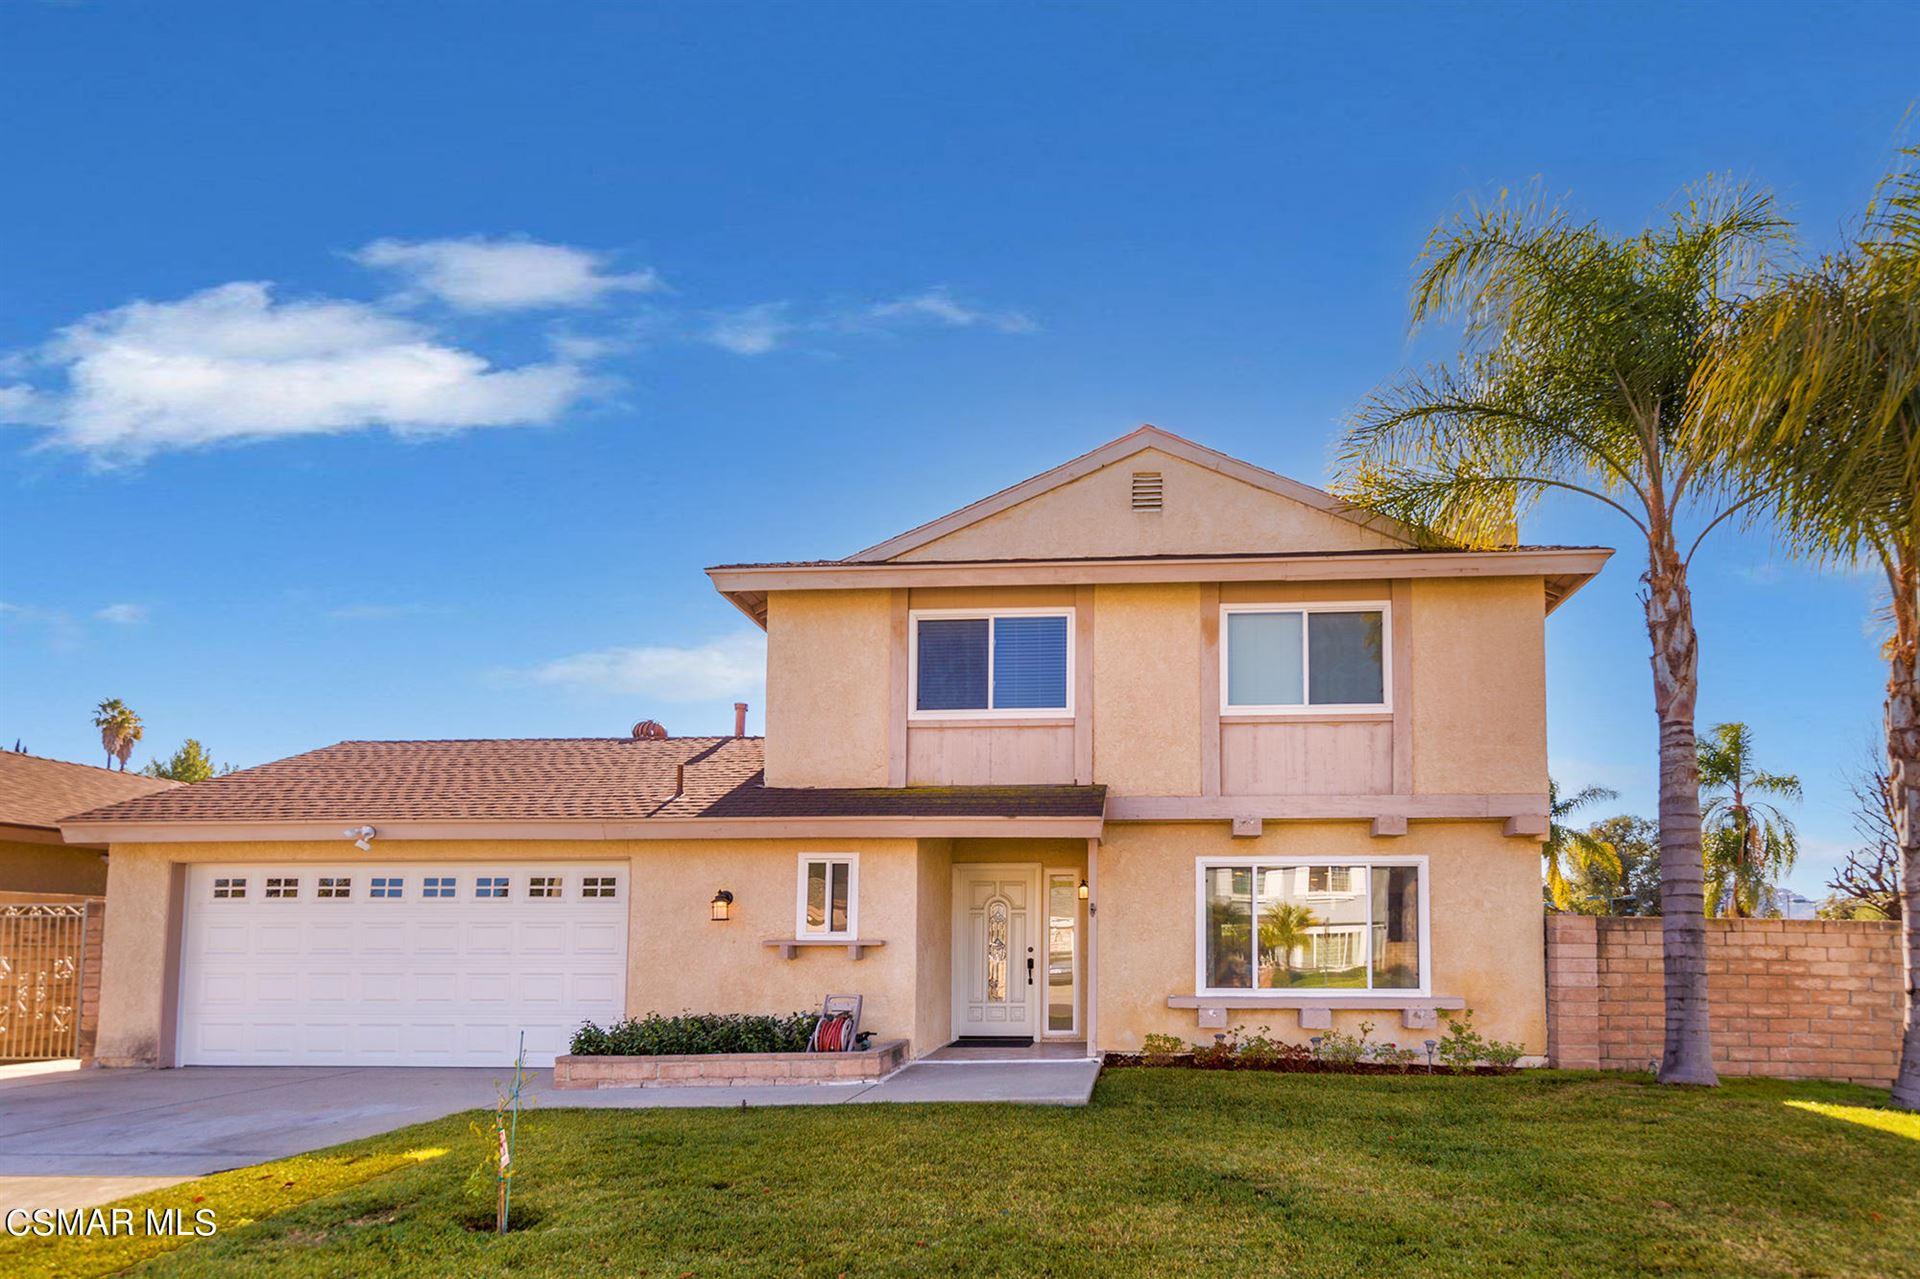 30642 Janlor Drive, Agoura Hills, CA 91301 - MLS#: 221000215